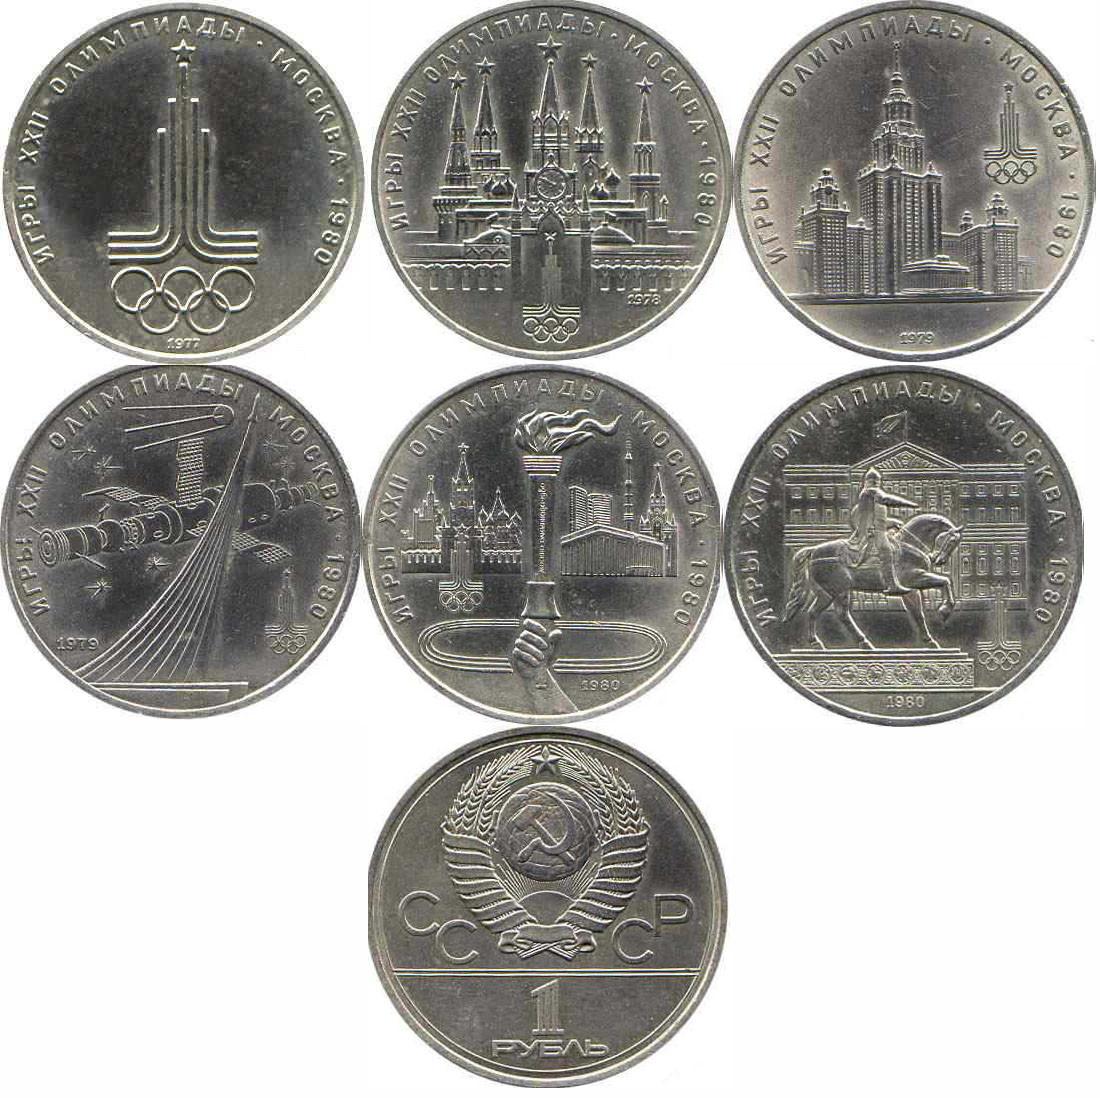 фото всех юбилейных монет ссср копеек рецепт гратена